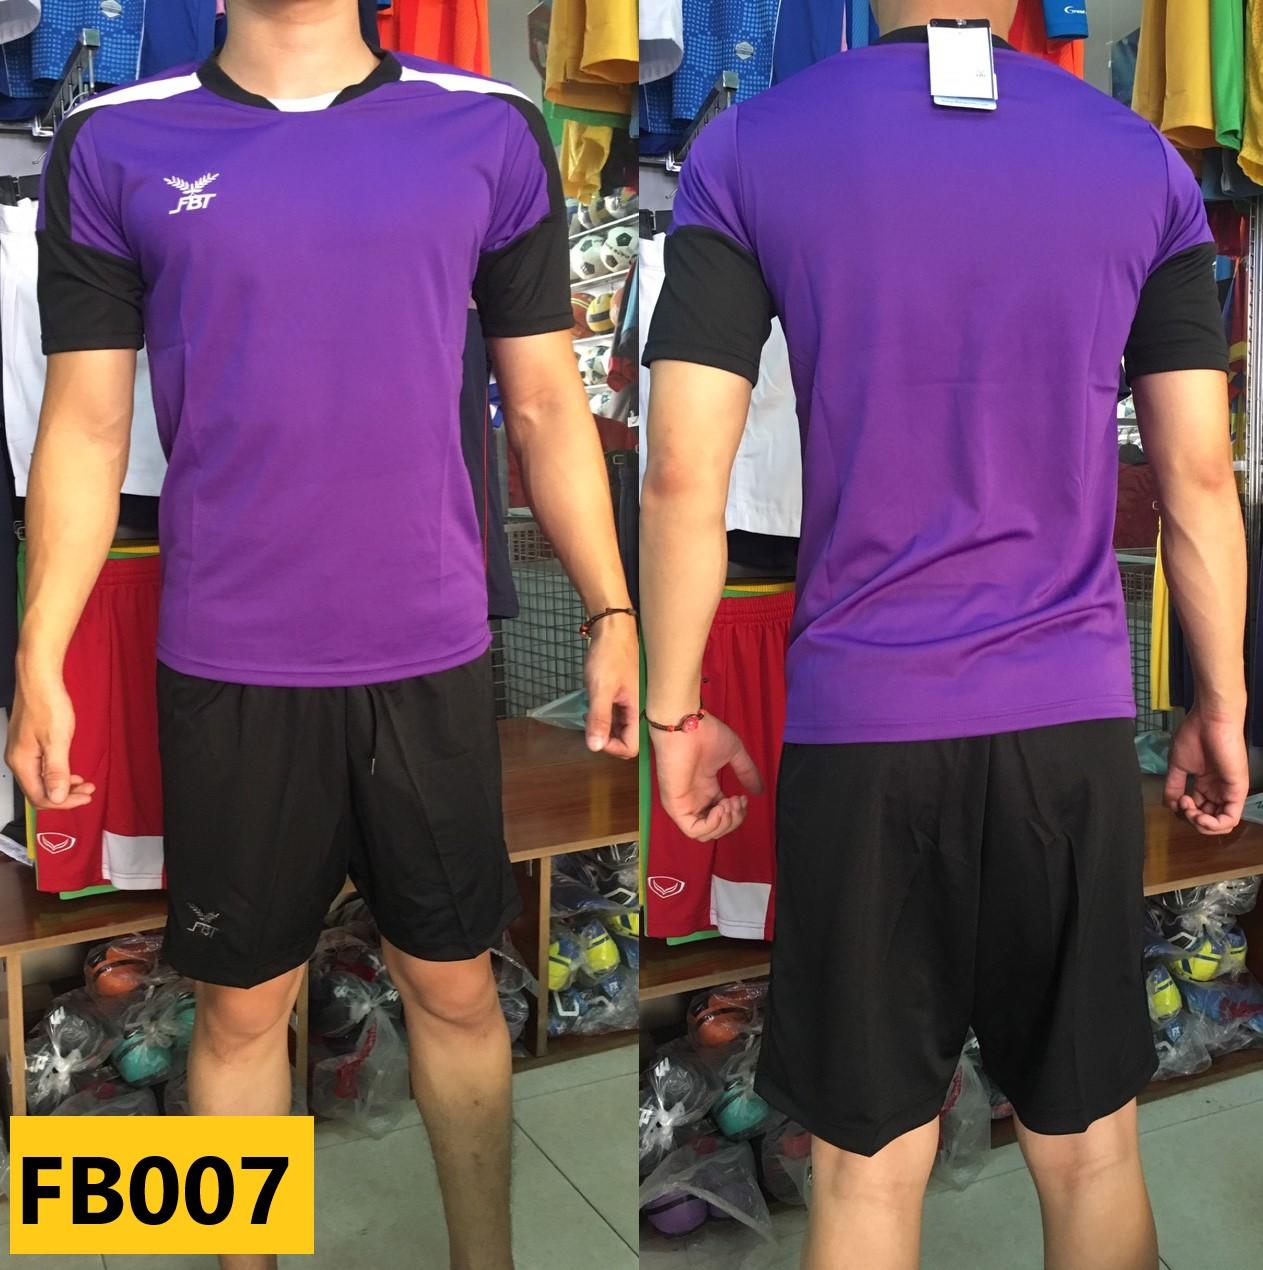 Bộ quần áo bóng đá FBT đẹp phong cách màu Tím/Đen - giá tốt cho đơn đội